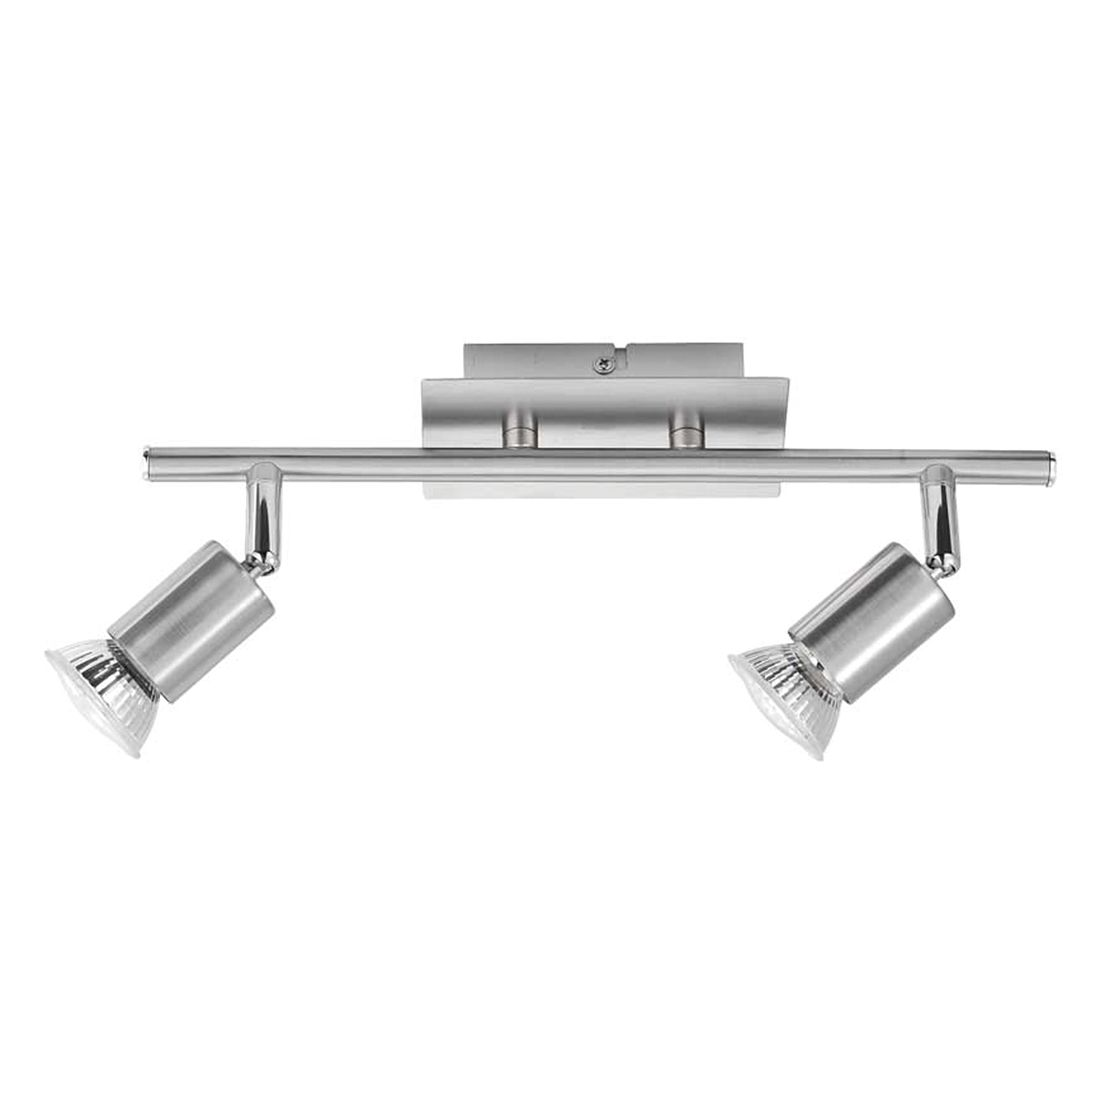 Deckenleuchte Estima by Leuchten Direkt ● Eisen/Stahl ● Silber ● 2-flammig- Leuchten Direkt A++